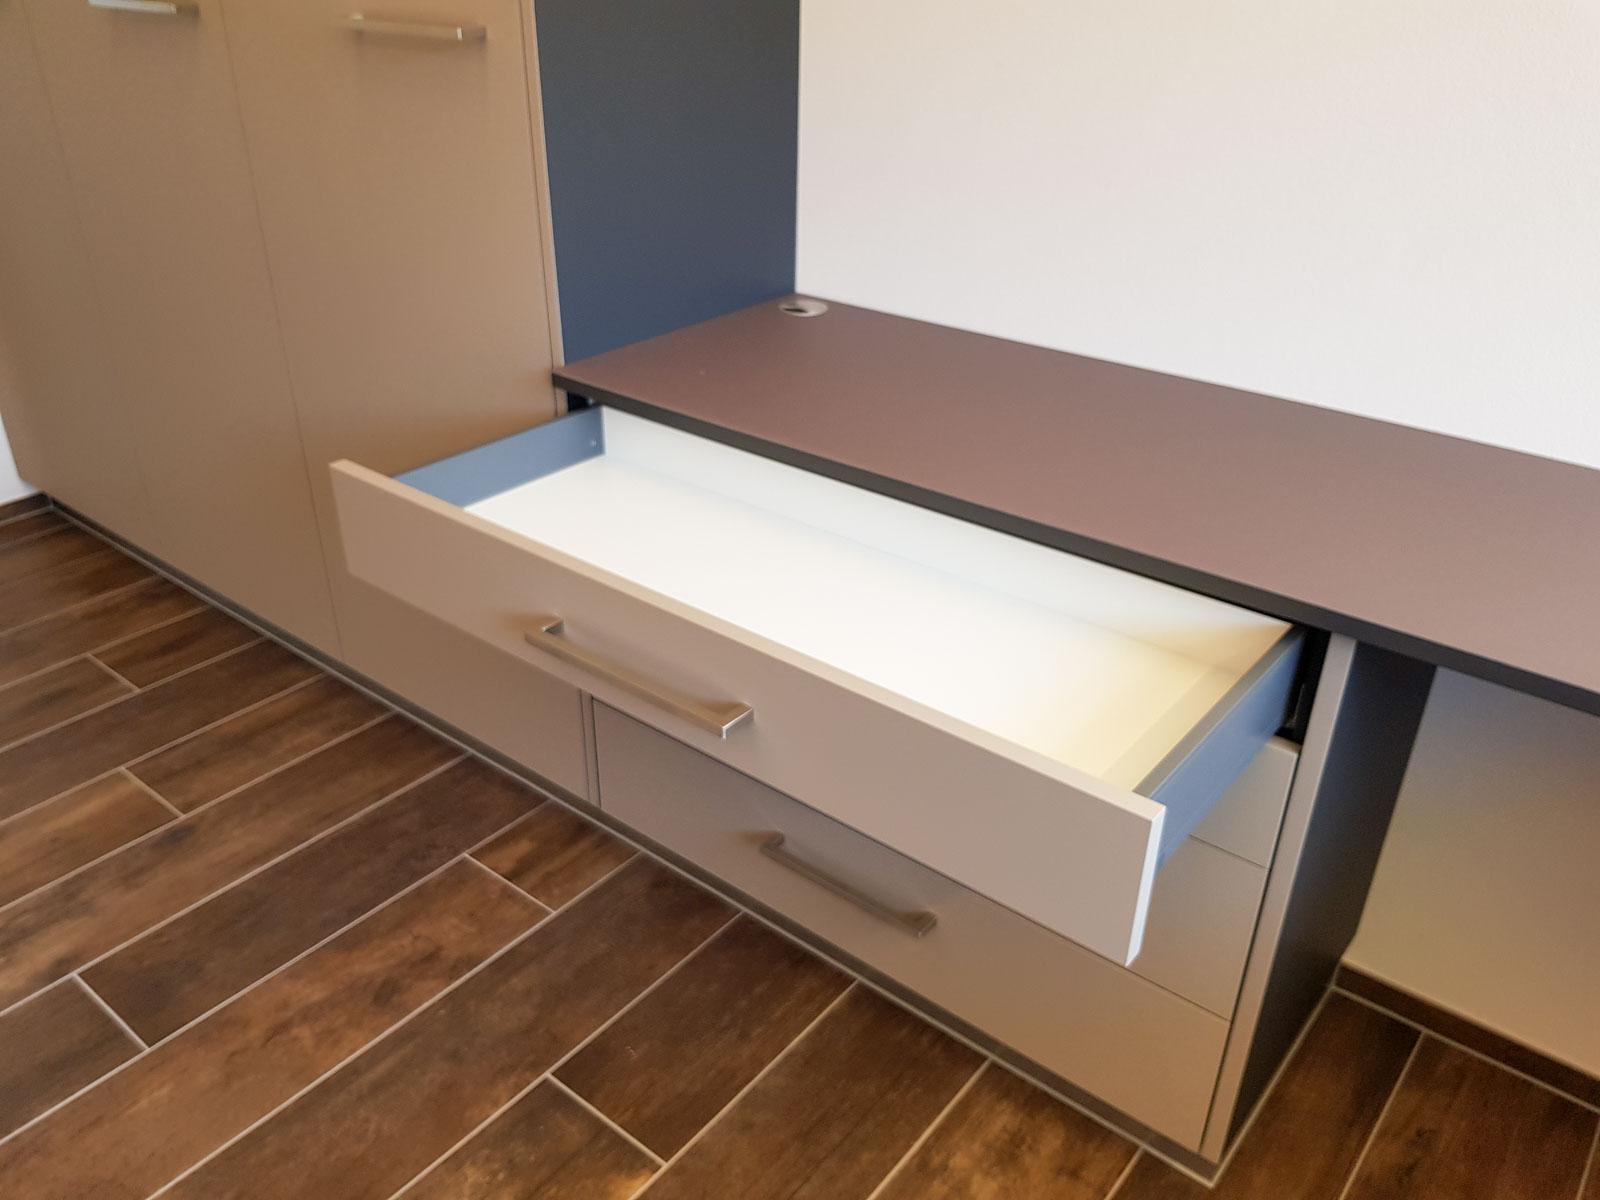 Wooddesign_Büro_Homeoffice_Schreibtisch_höhenverstellbar_Regal_Schubladen_Wandschrank_Glastüre (7)